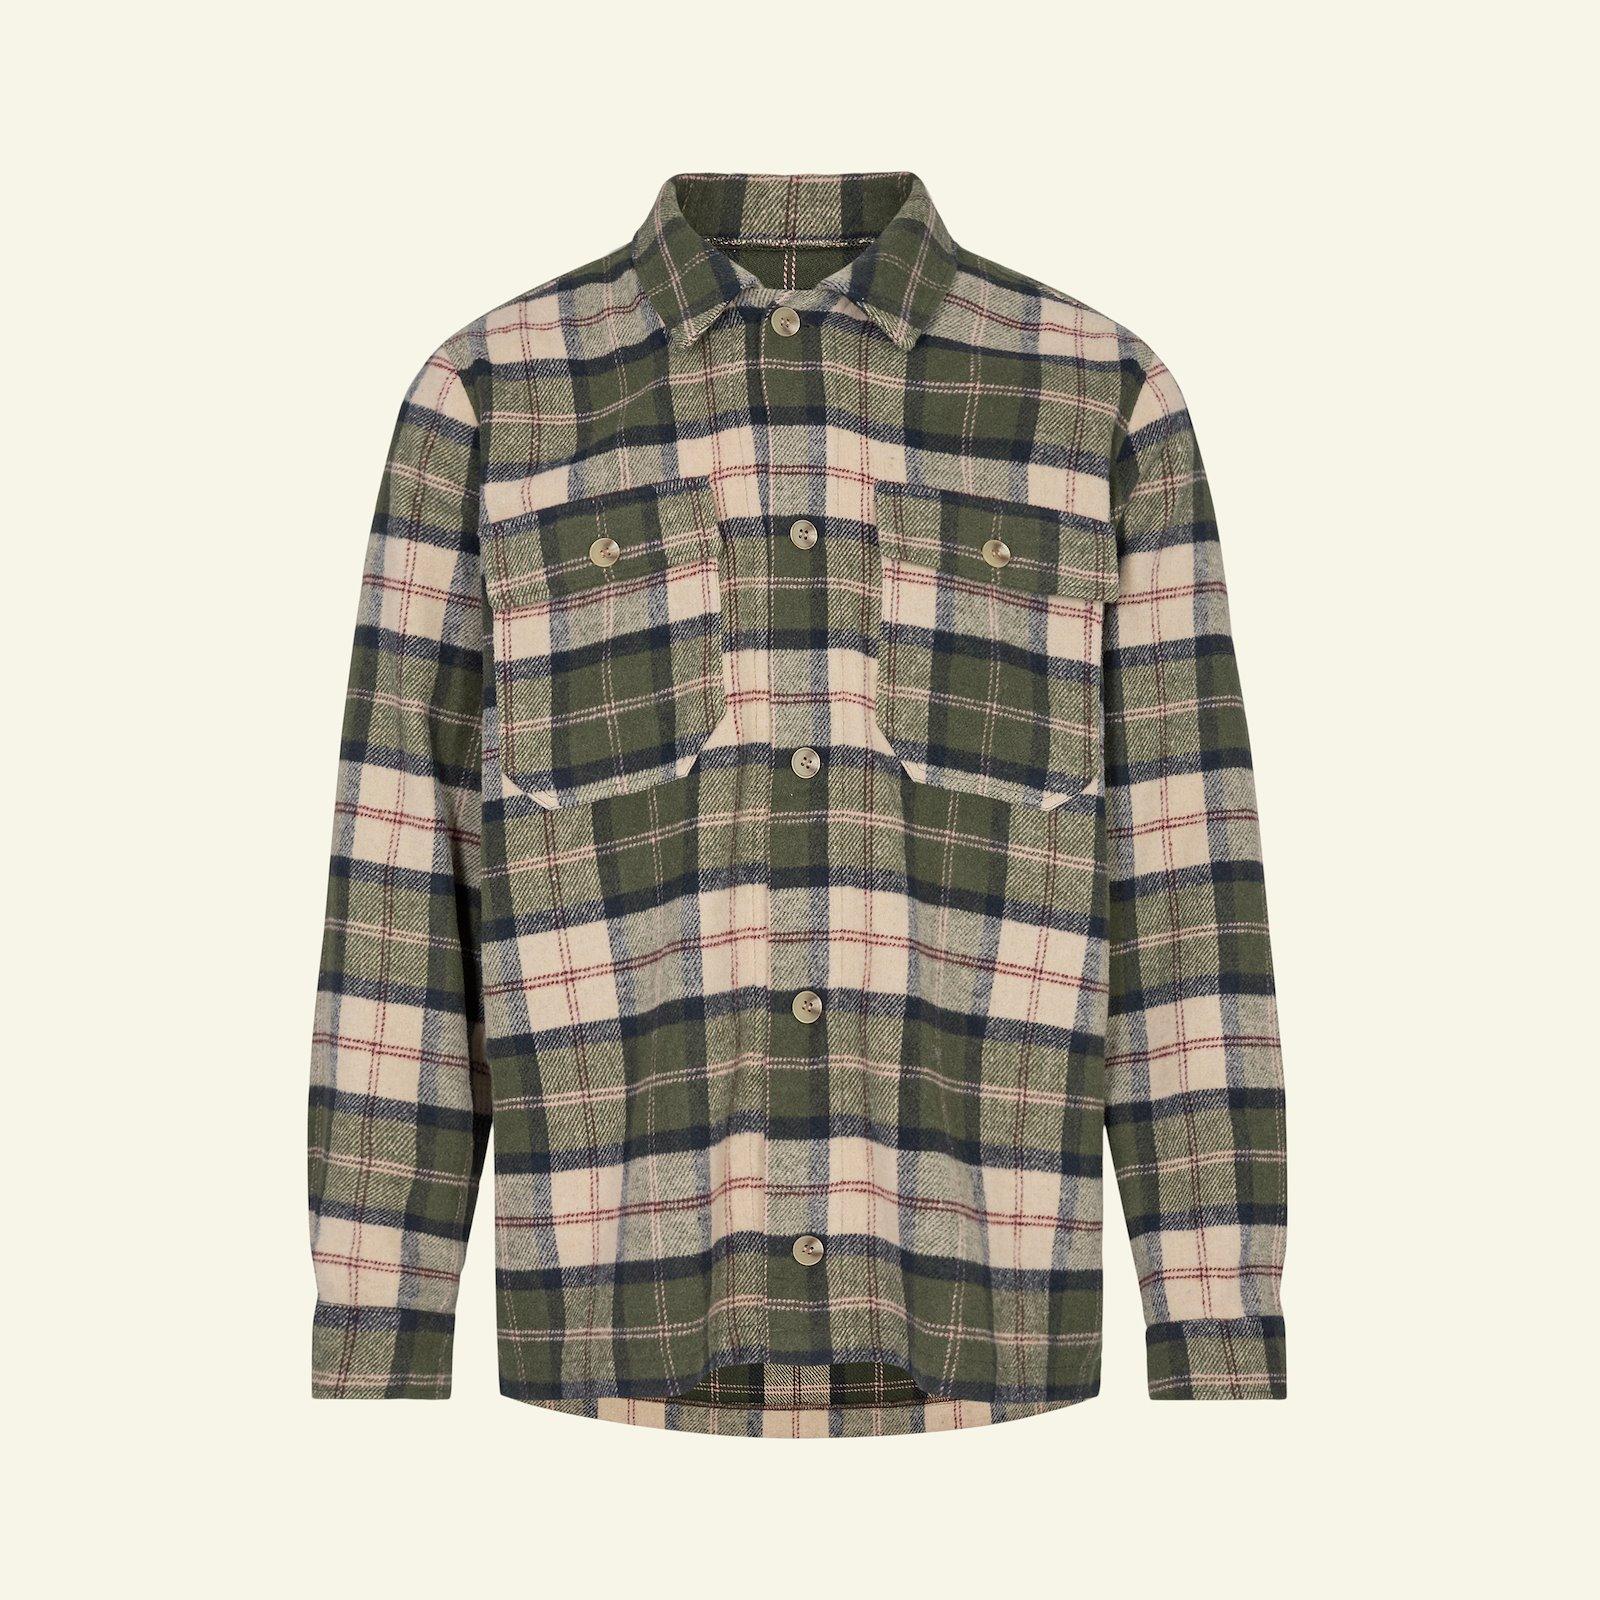 Men shirtjacket, M p87005_400324_40229_sskit